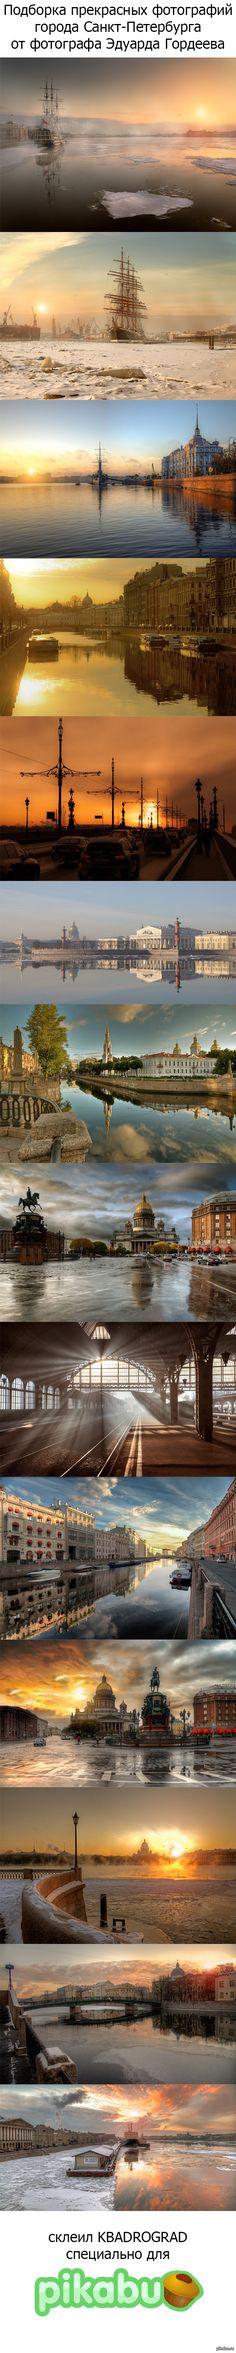 Прекрасный Санкт-Петербург ~ Beautiful St. Petersburg